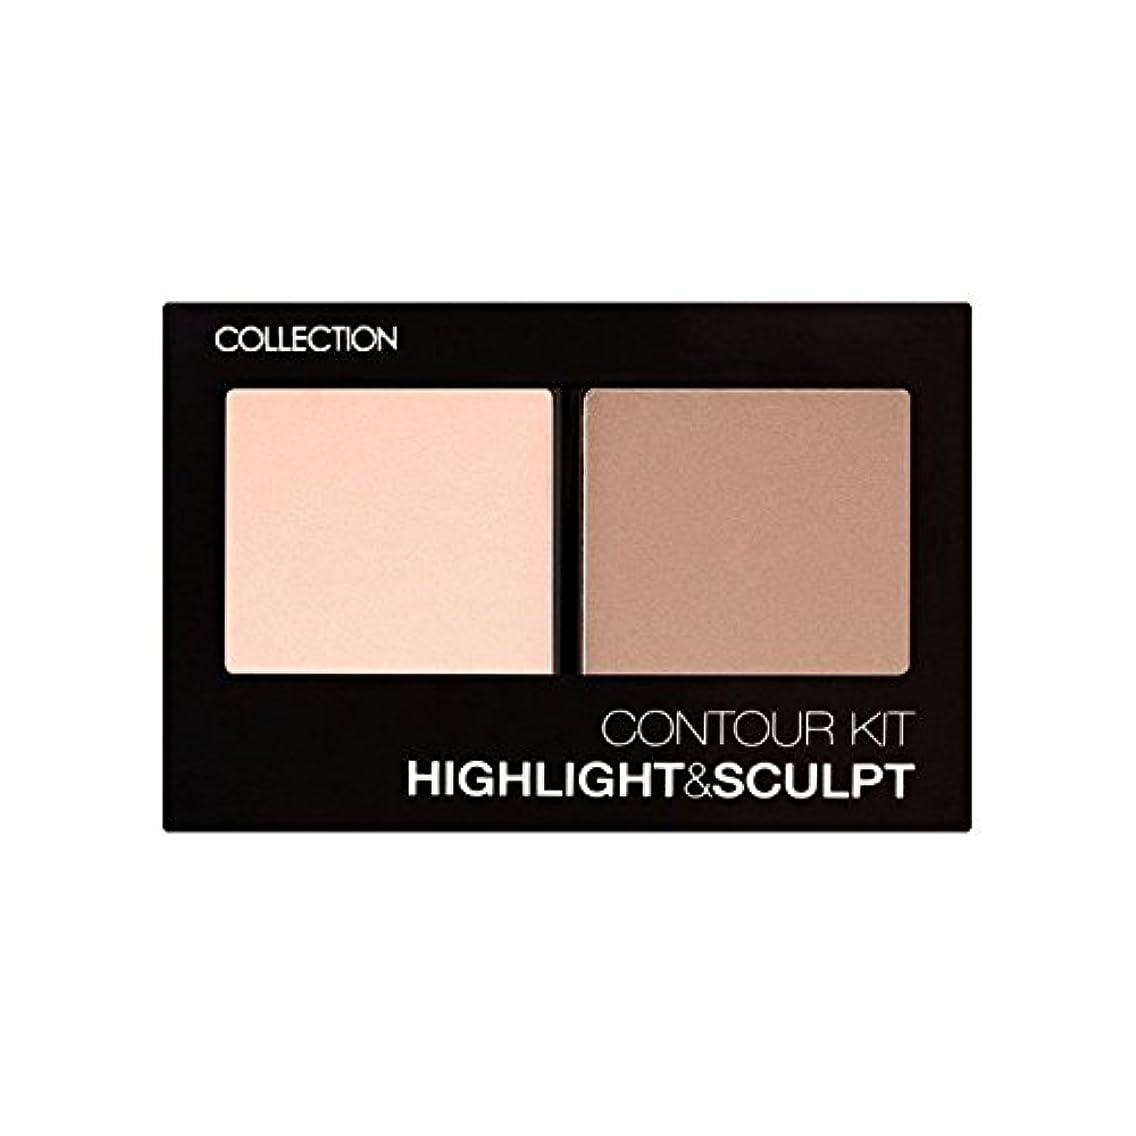 どんなときもスタイル何よりもCollection Contour Kit Contour Kit 1 - コレクション、輪郭キット輪郭キット1 [並行輸入品]